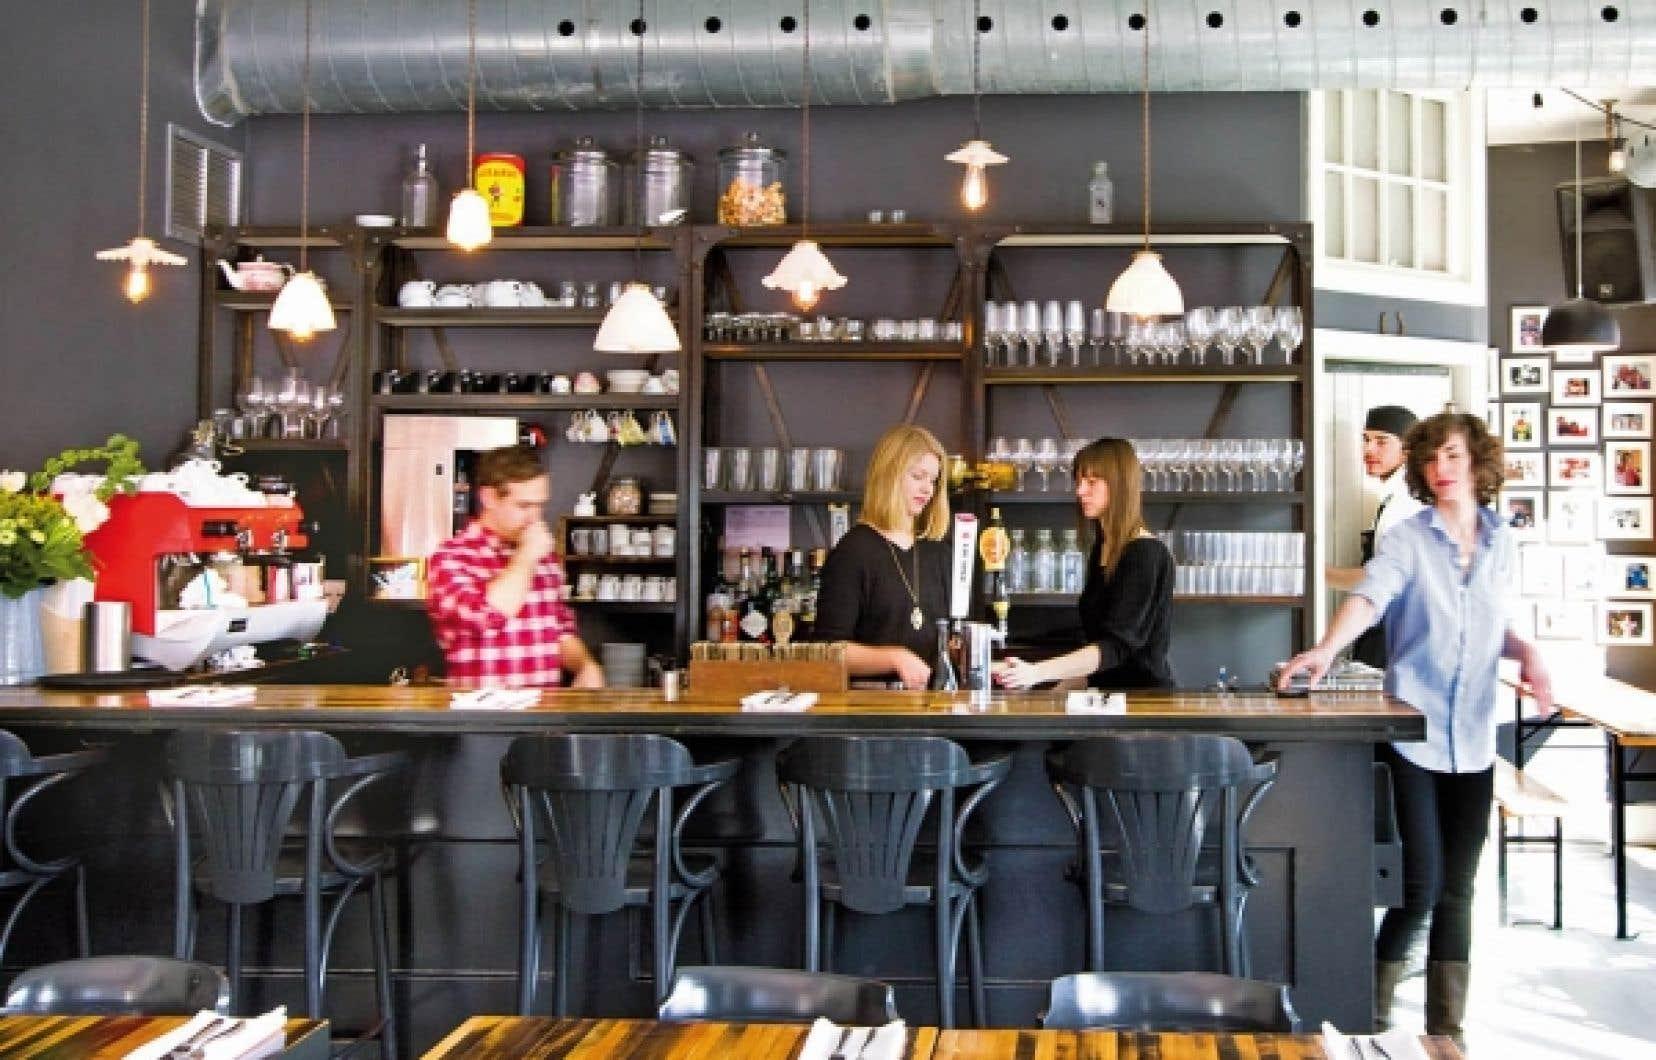 Le restaurant Lawrence s'affiche simplement mais nous offre le vrai Montréal gourmand. On n'essaie pas ici de refaire ce qu'on trouve ailleurs.<br />